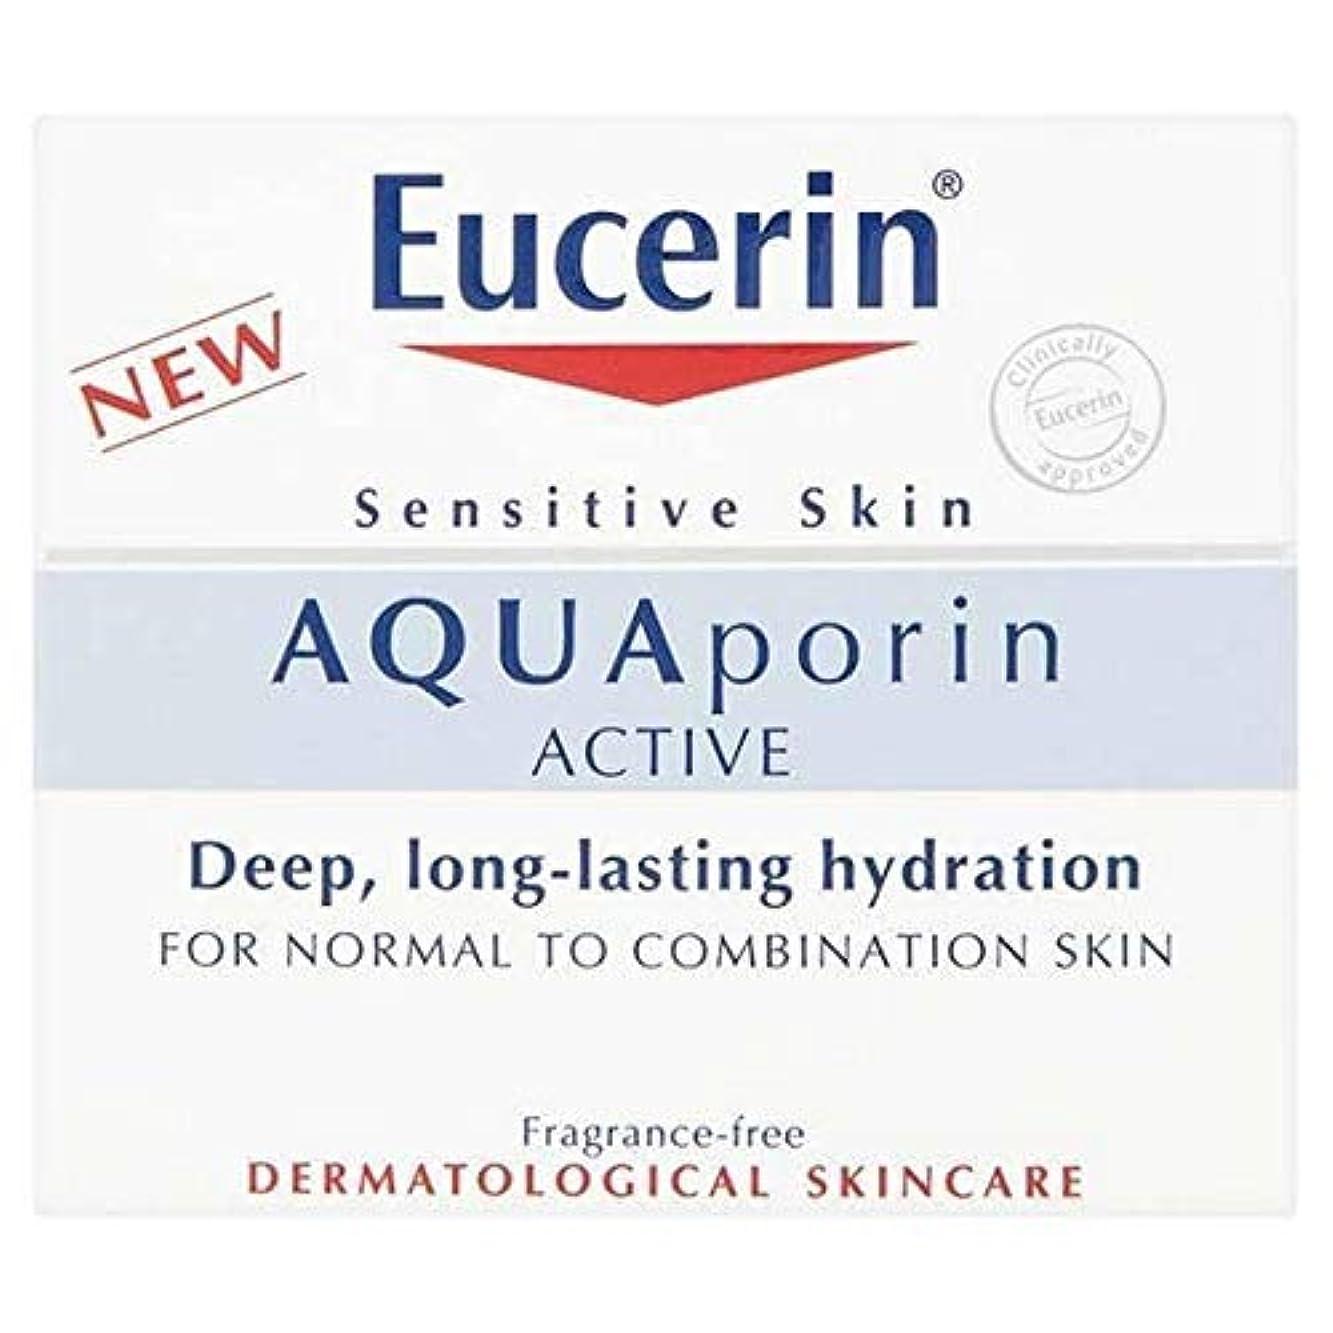 出血うんざり副[Eucerin ] ノーマル/櫛皮膚50ミリリットルのためのユーセリンアクアポリンアクティブ水和 - Eucerin Aquaporin Active Hydration for Normal/Comb Skin 50ml...